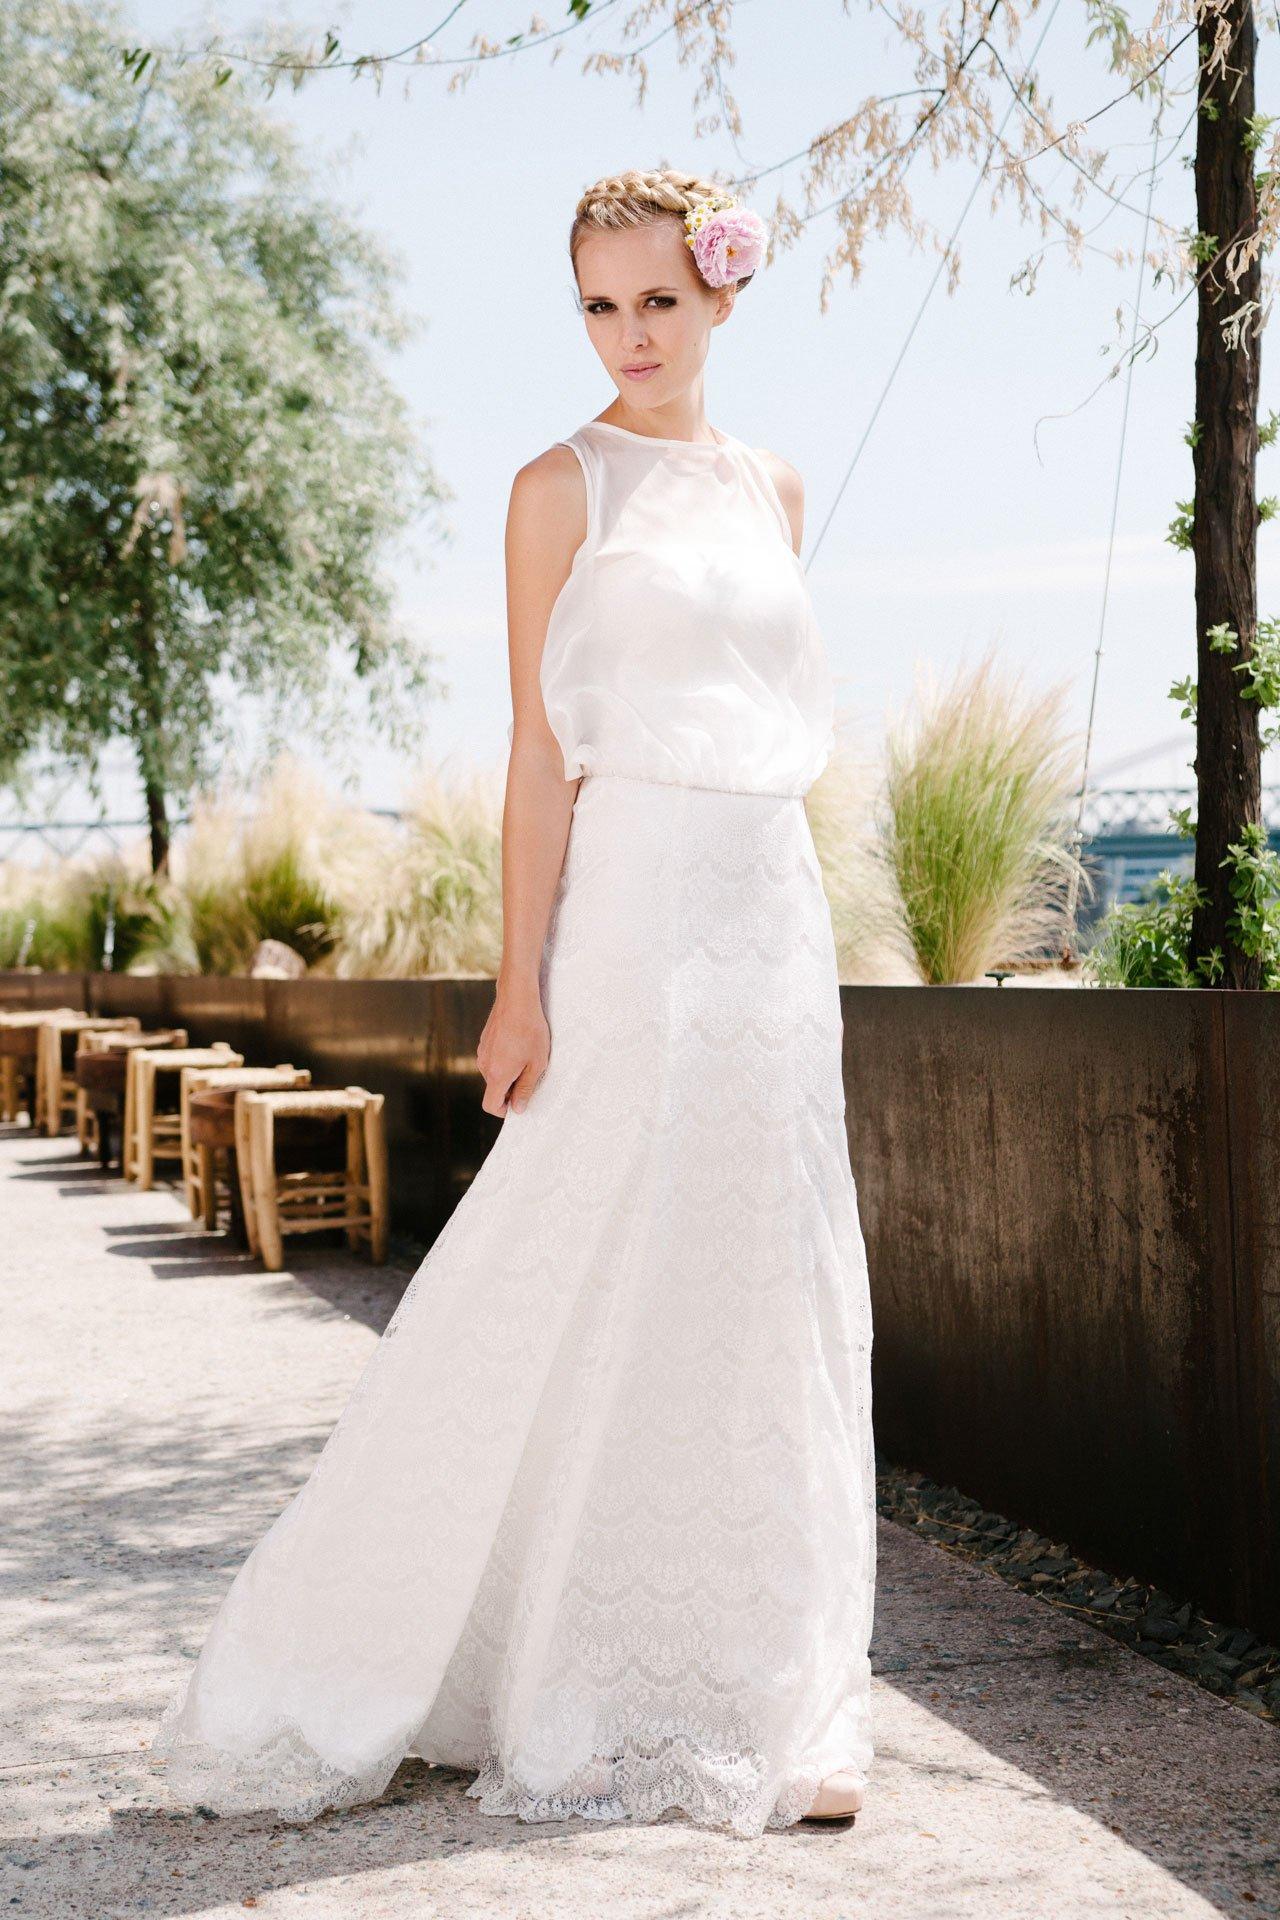 Hochzeitskleid A-Linie aus wellenförmiger Spitze - Kate